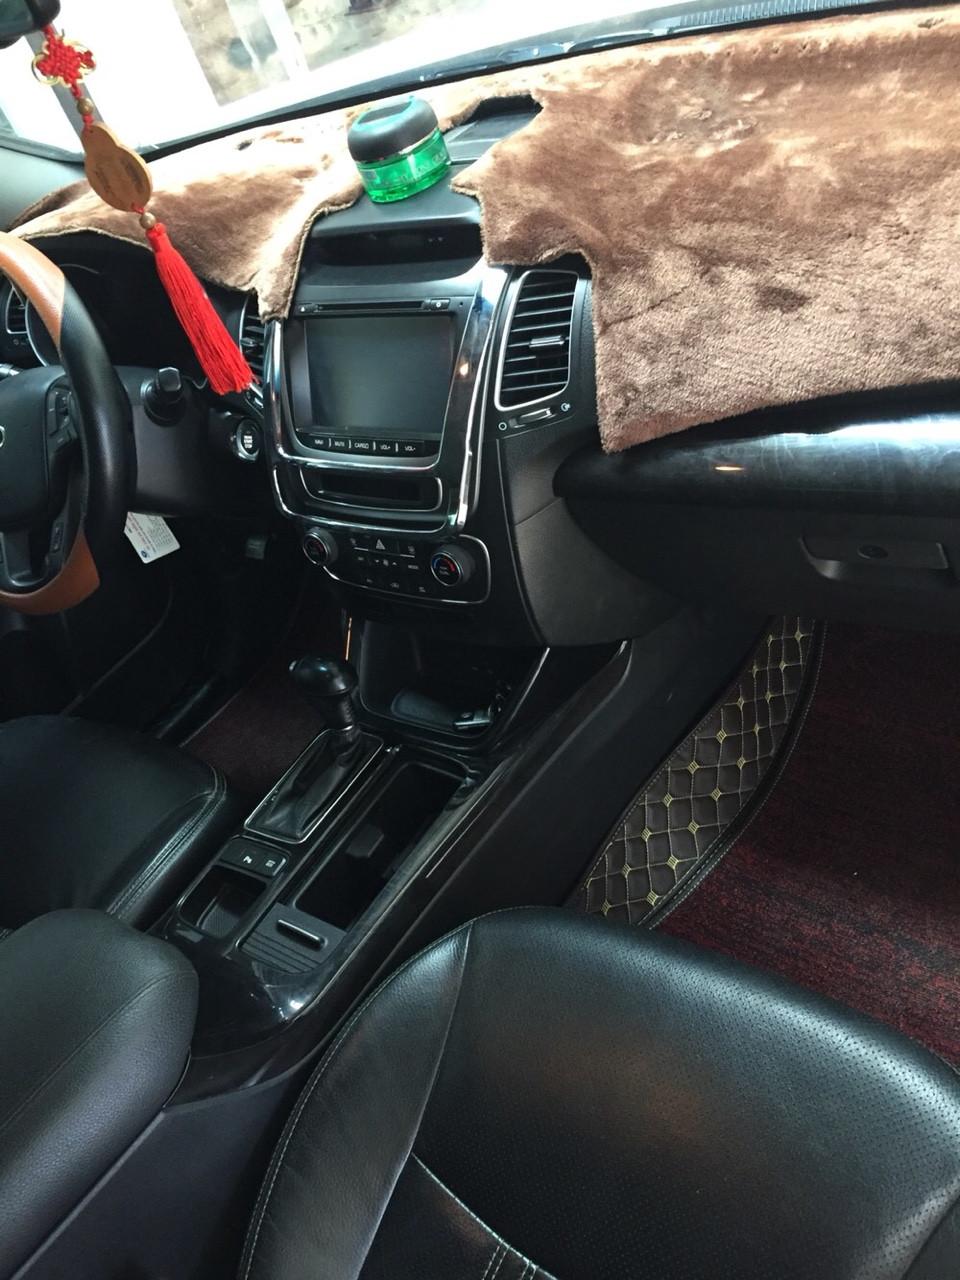 Bán Kia New Sorento GATH 2.4AT màu trắng camay máy xăng số tự động sản xuất 2015 bản full options